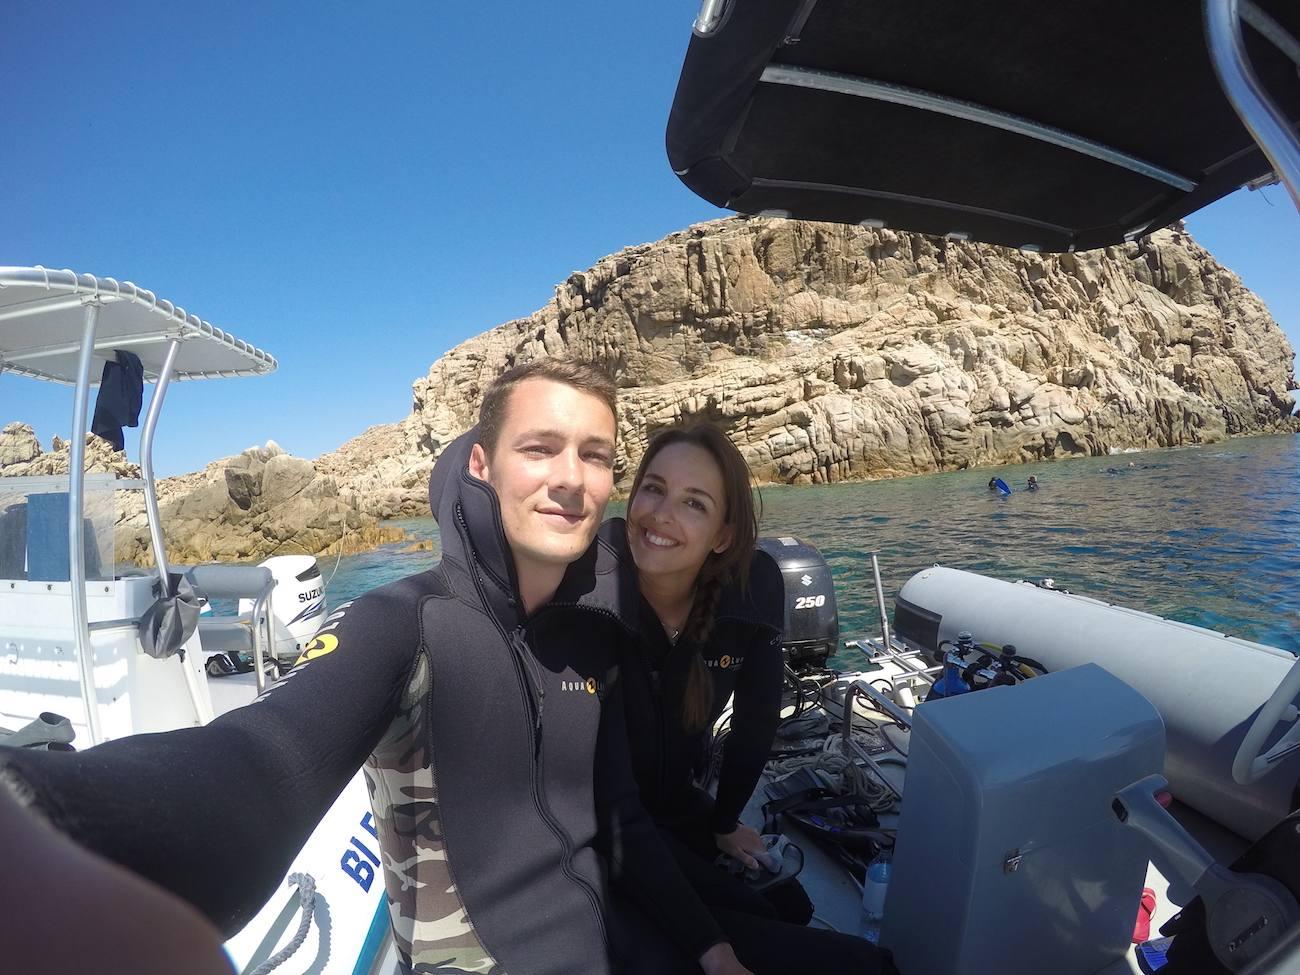 Corse - Road trip bonnes adresses - Blog Voyage nantes 9